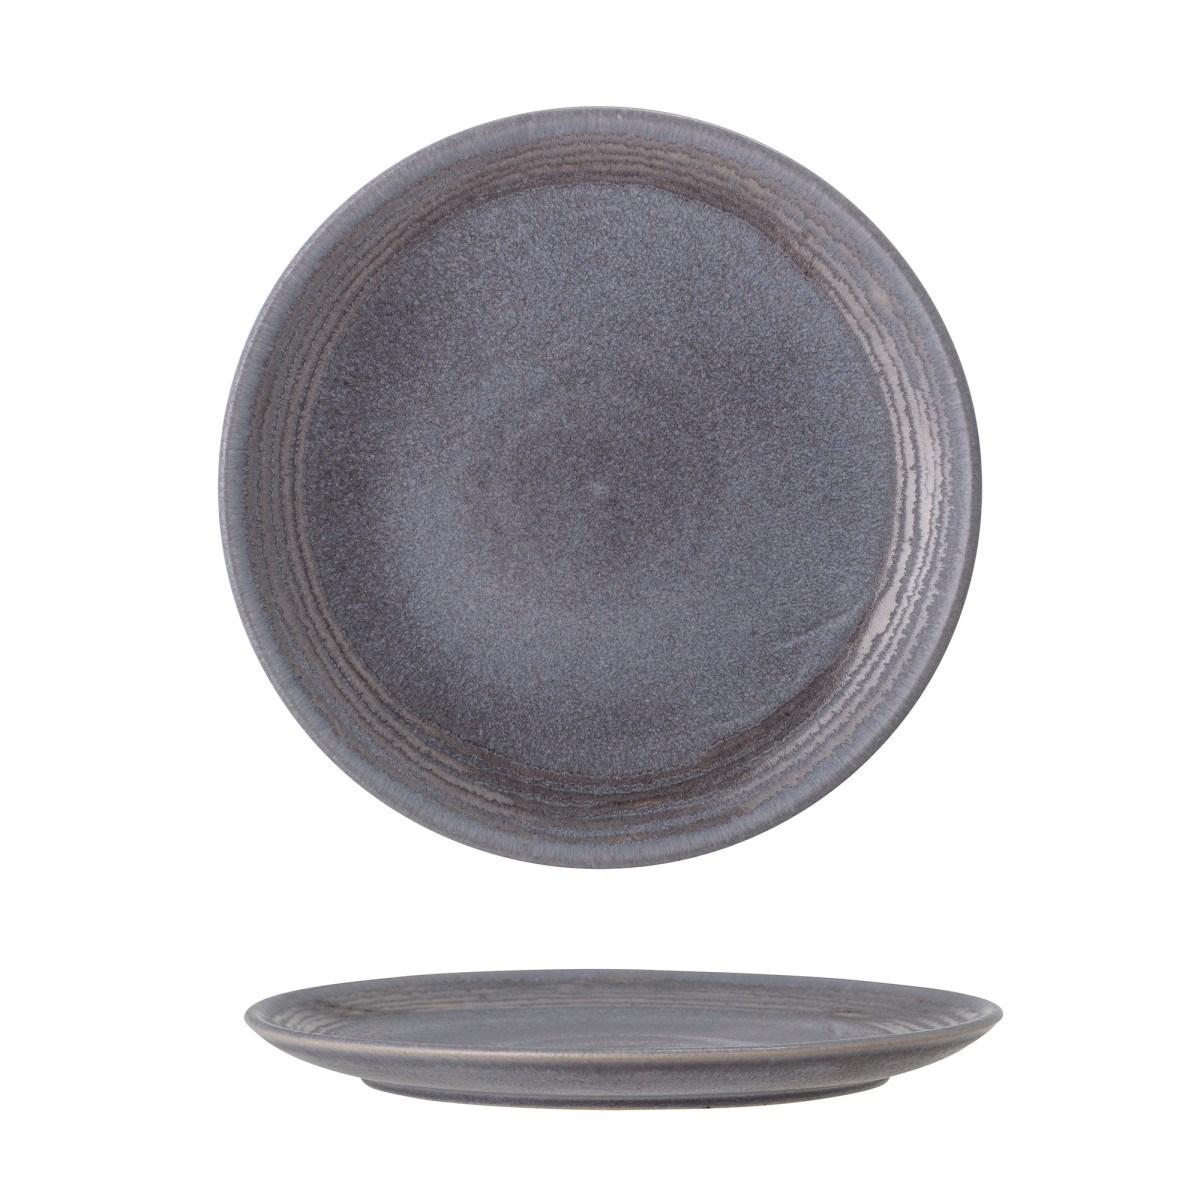 Dezertní talíř Raben 18 cm  šedý kameninový_1